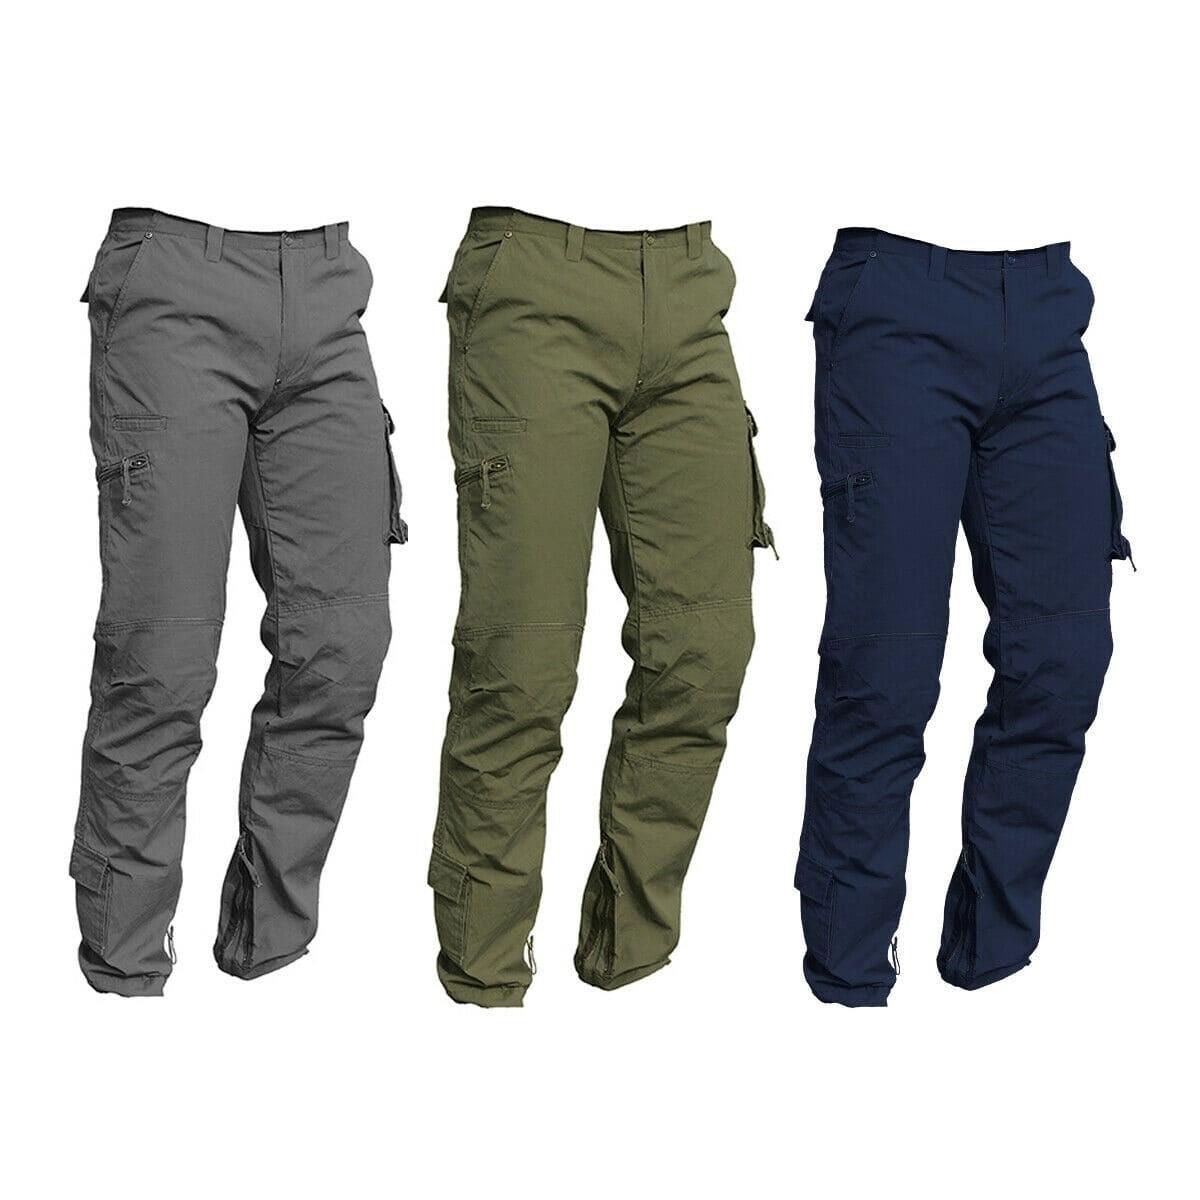 Pantaloni da lavoro ISSA RAPTOR in cotone 100% Multitasche Estivo